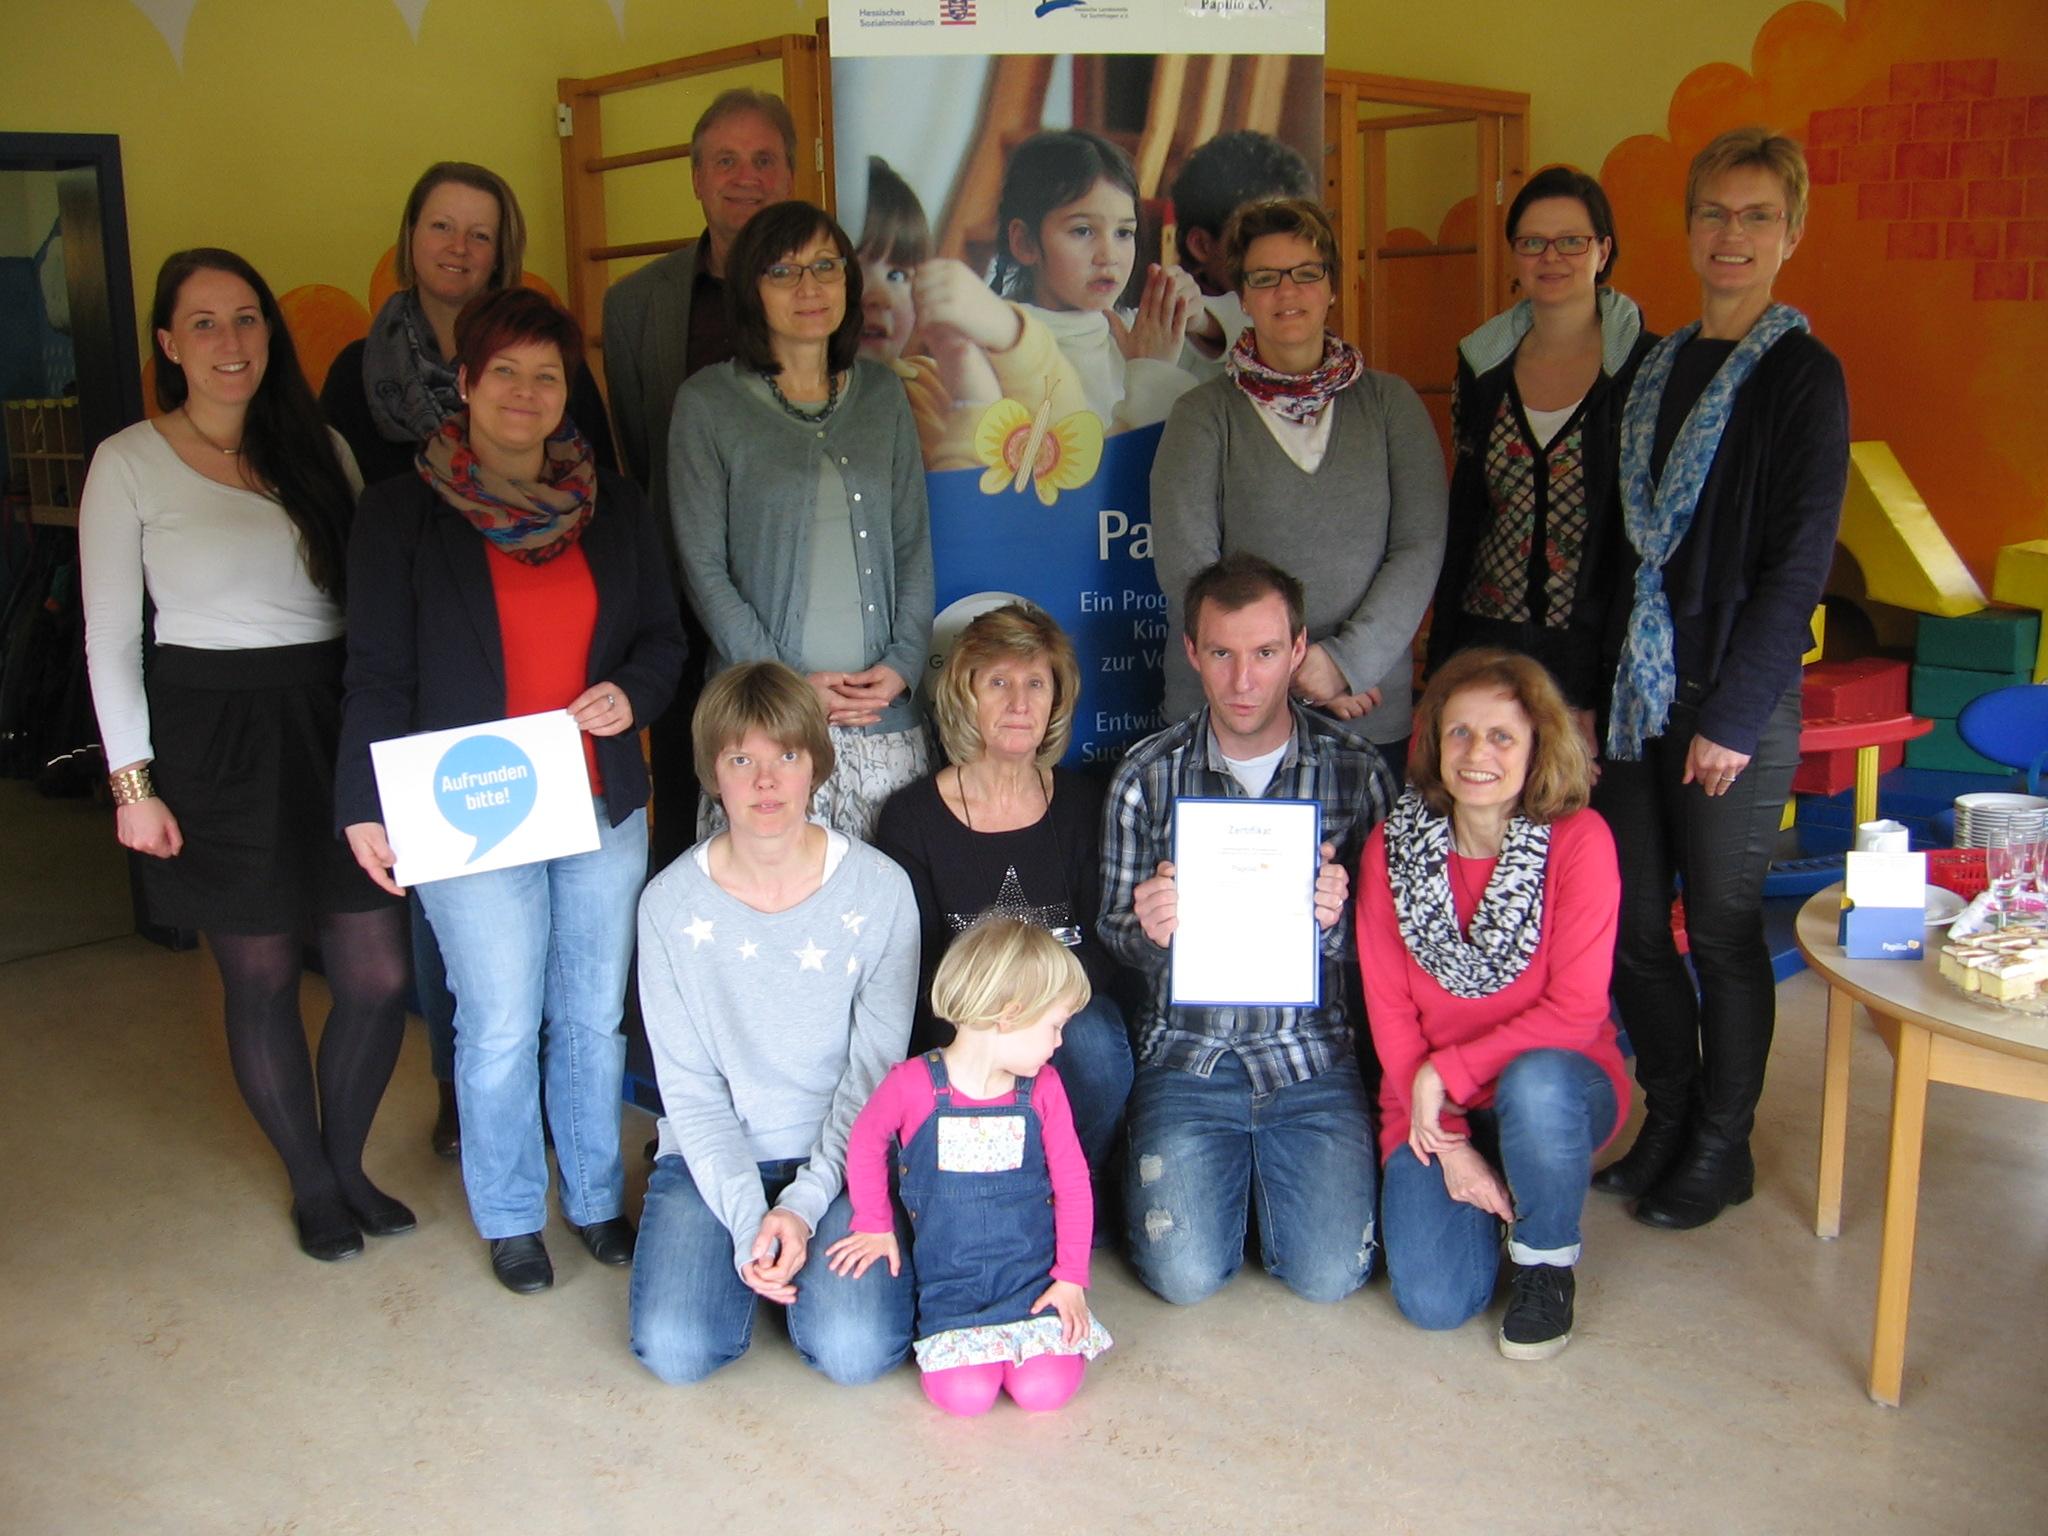 Kindergarten Pusteblume in Rommerode zertifiziert